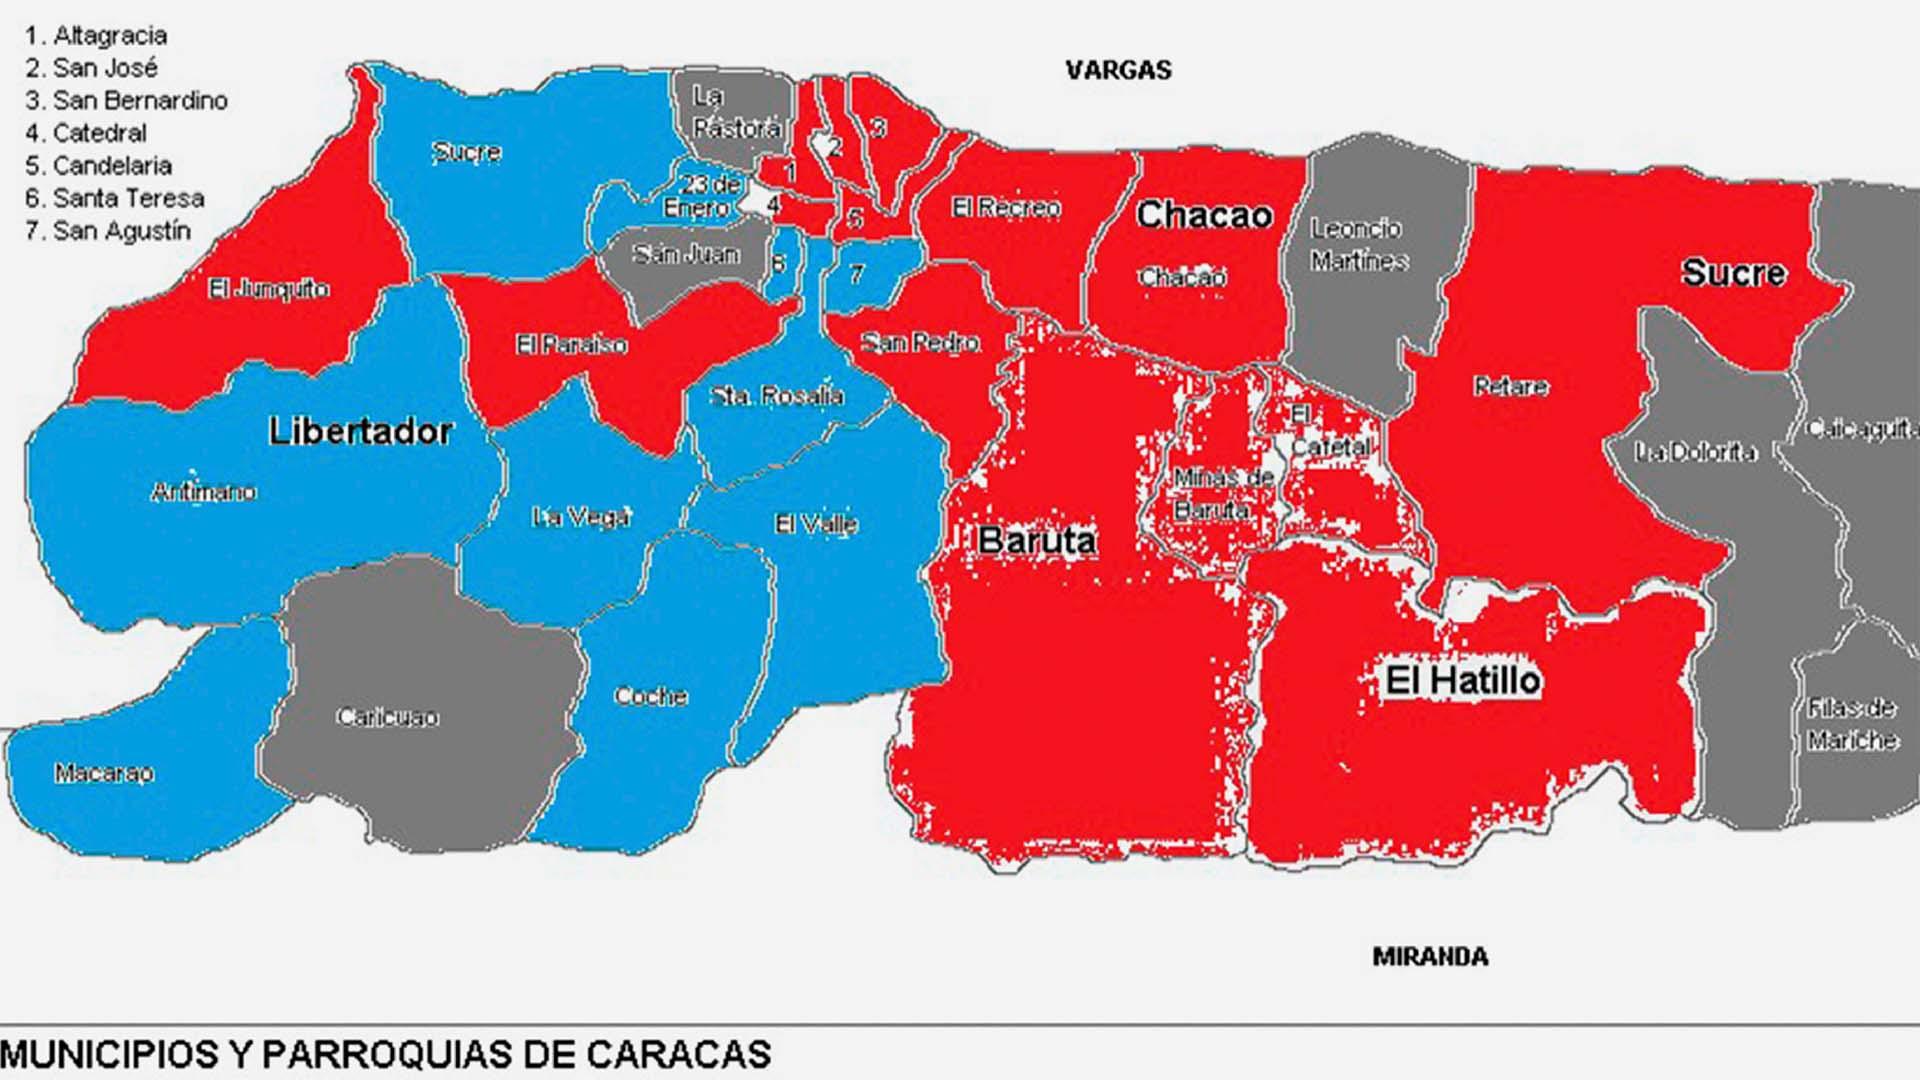 #Top10Humor | Comentarios escuchados en Venezuela durante las elecciones de EEUU, por Víctor J. Ochoa S.